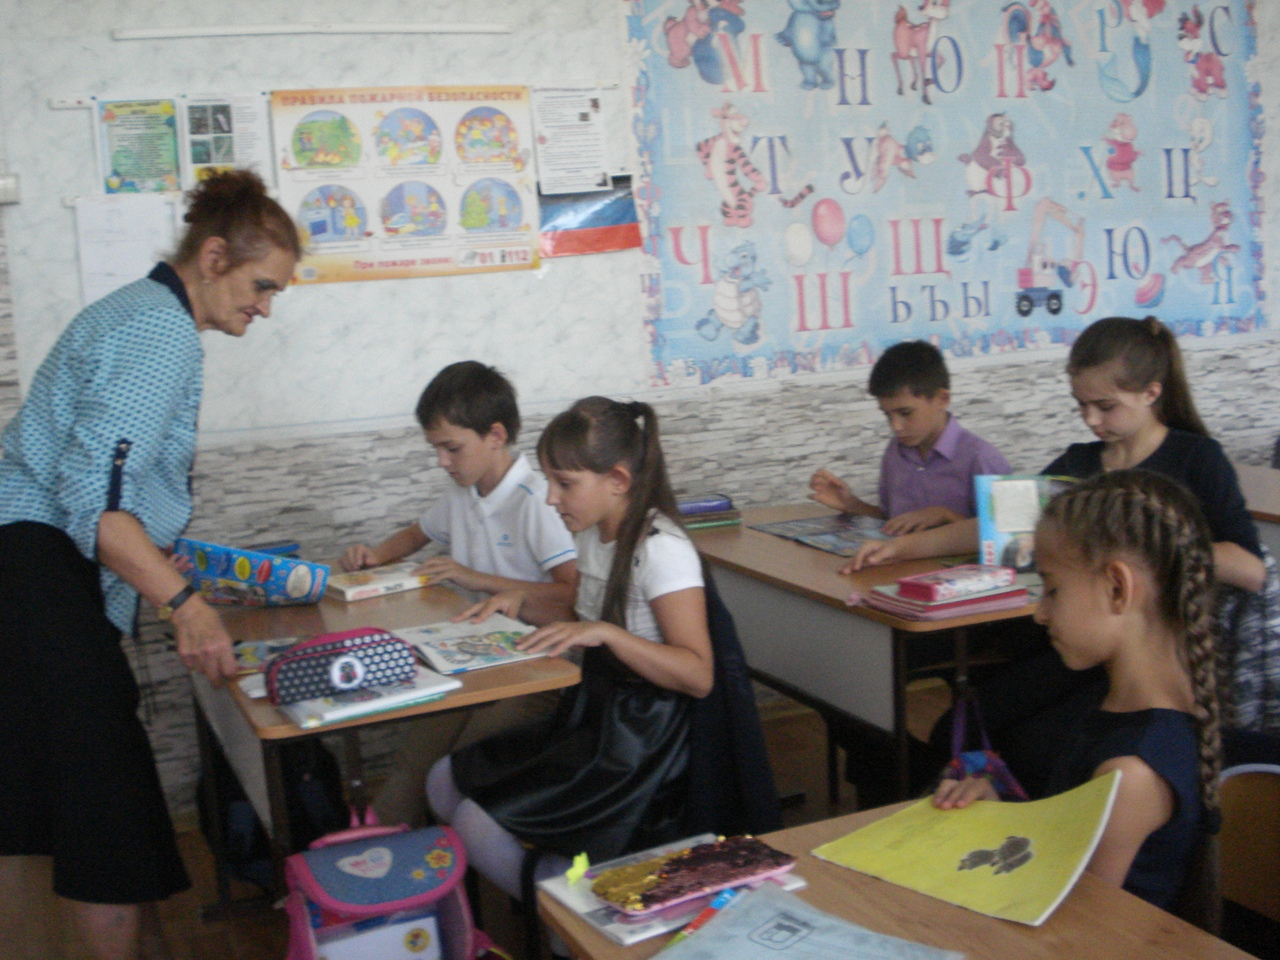 борис заходер, занятия с детьми, донецкая республиканская библиотека для детей, отдел обслуживания дошкольников и учащихся 1-4 классов